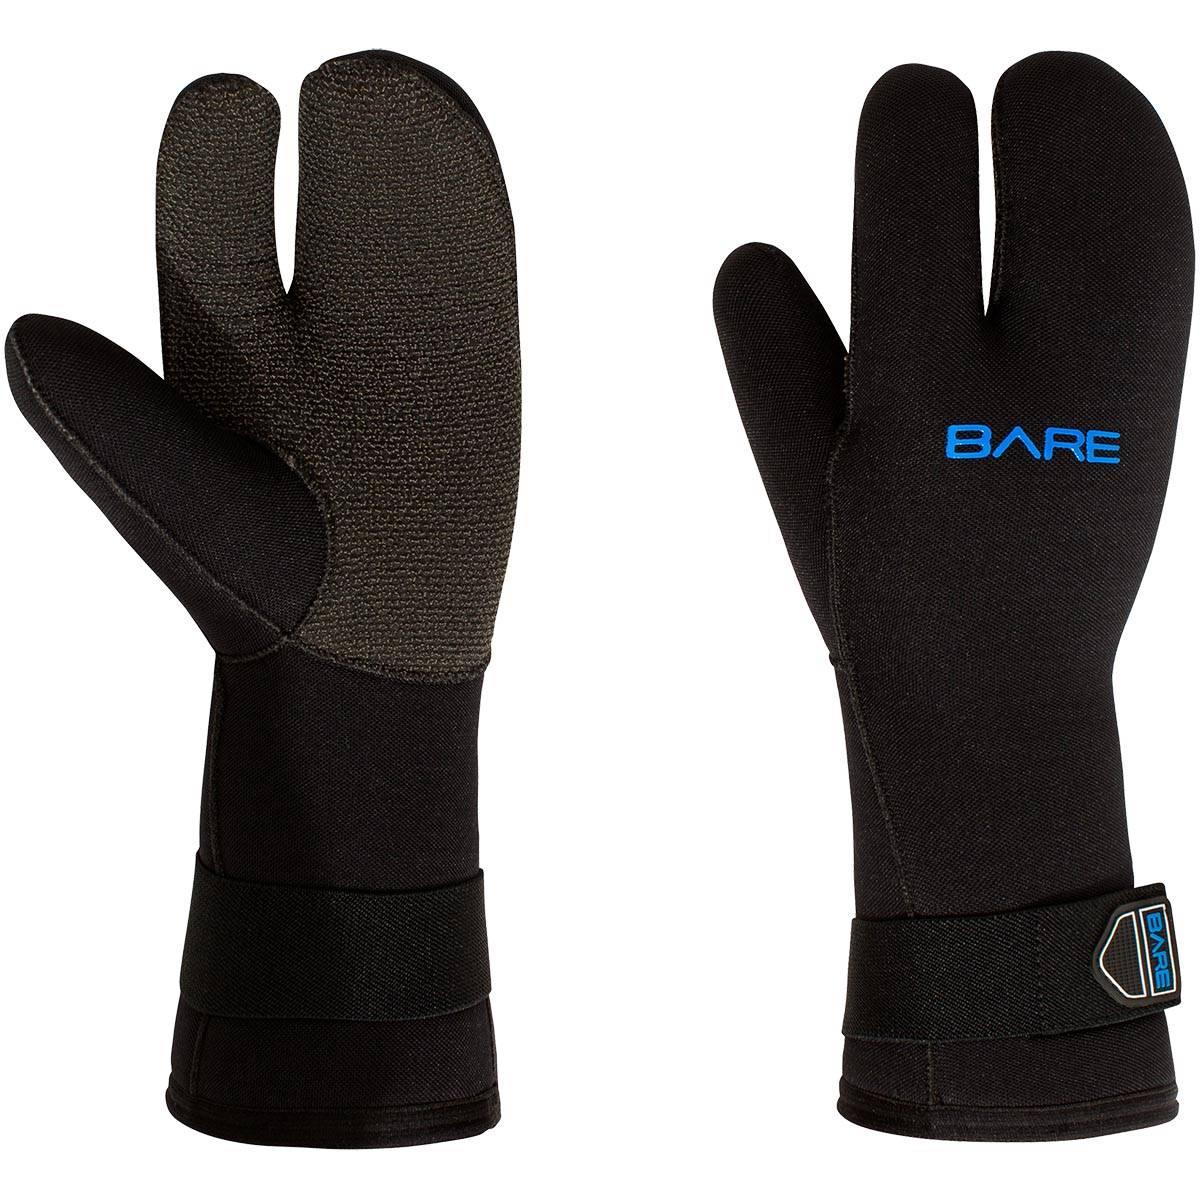 BARE 7mm K-palm 3-fingervott